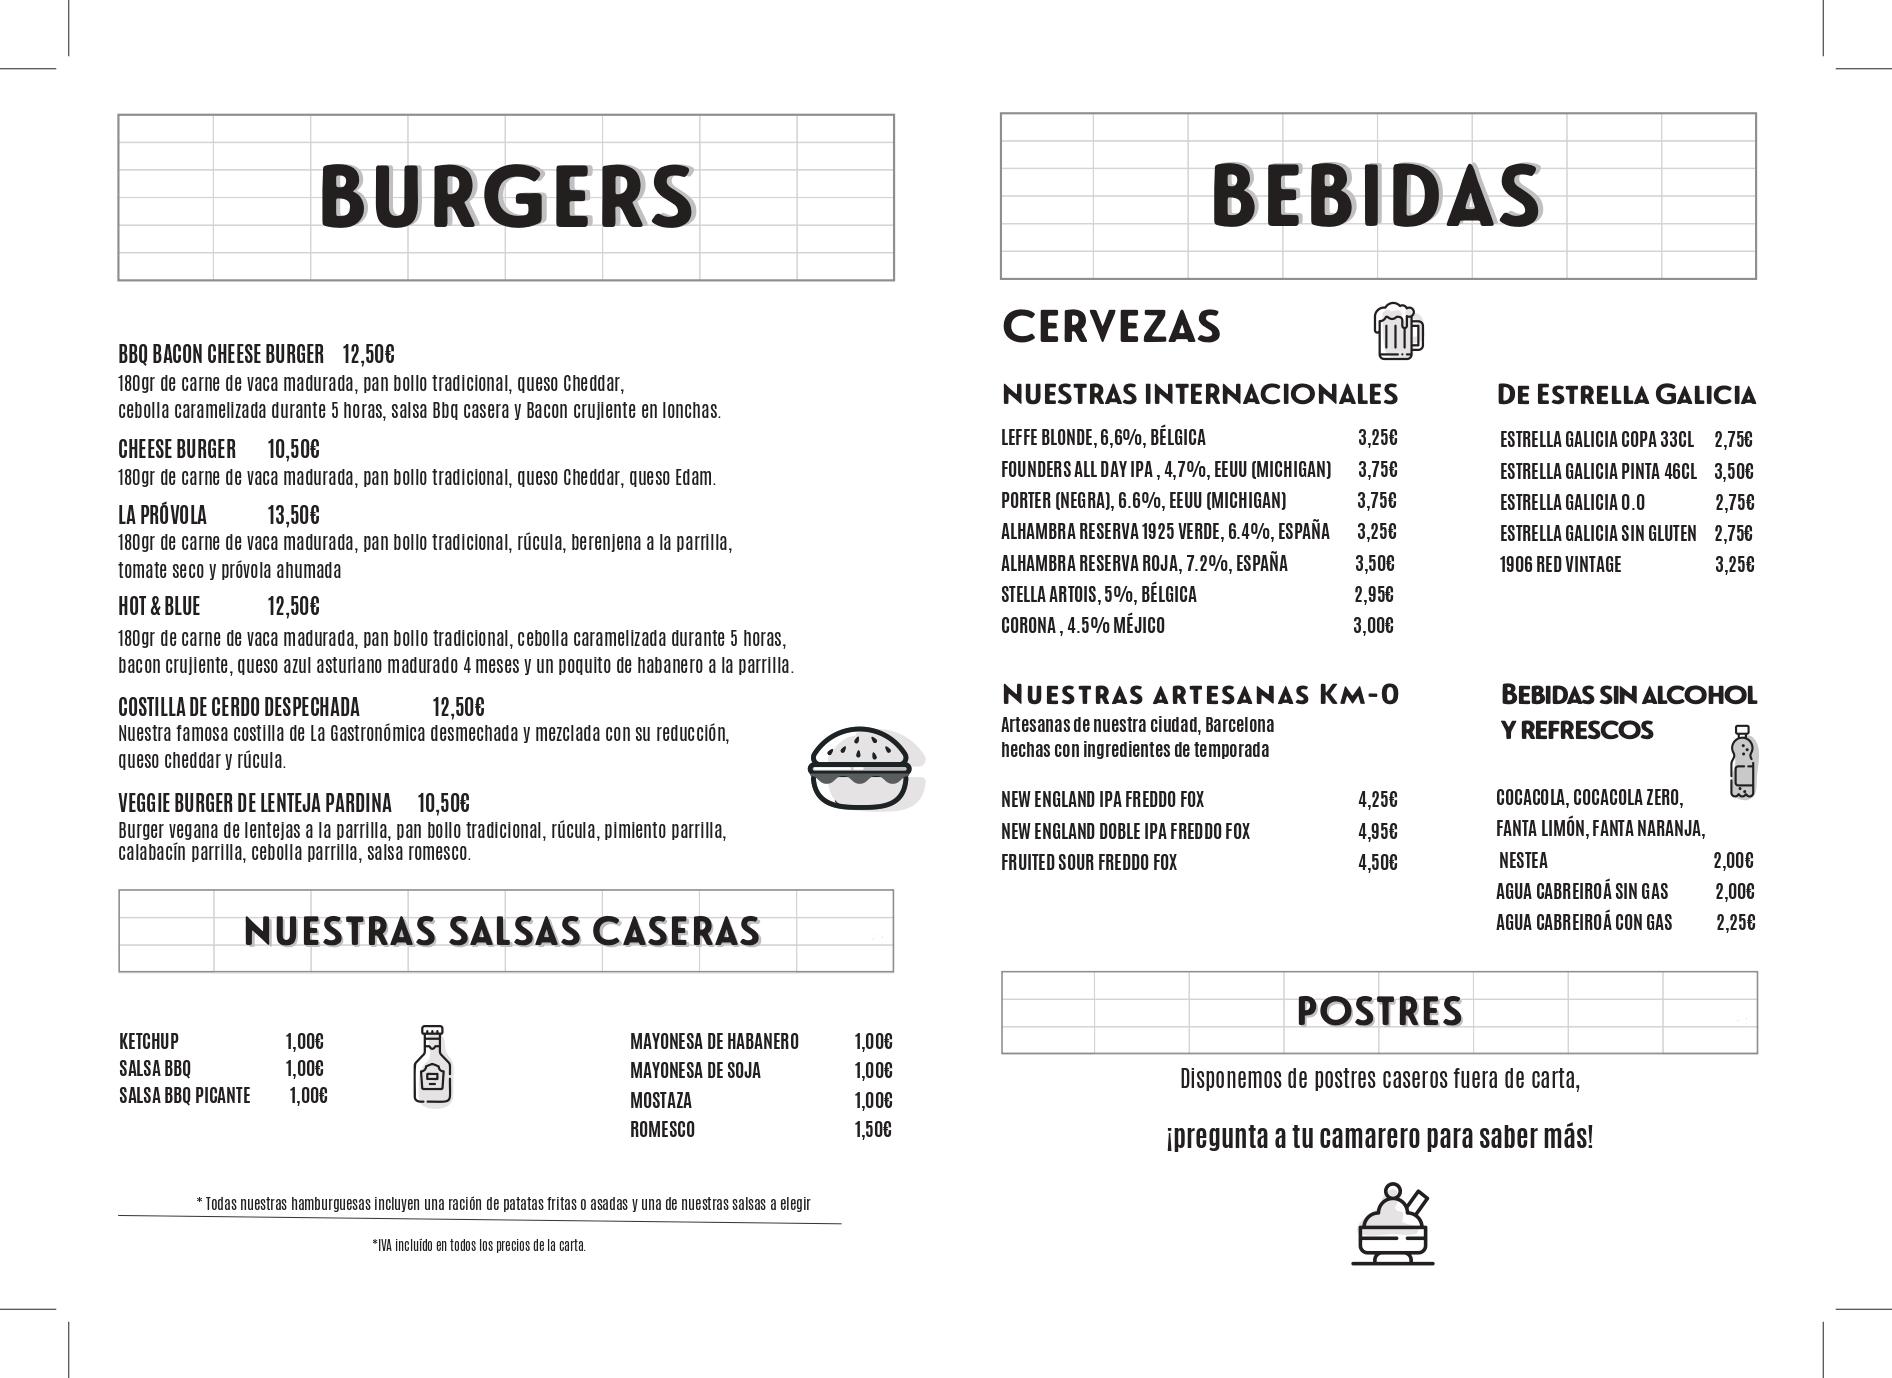 La Gastronomica Burgers carta